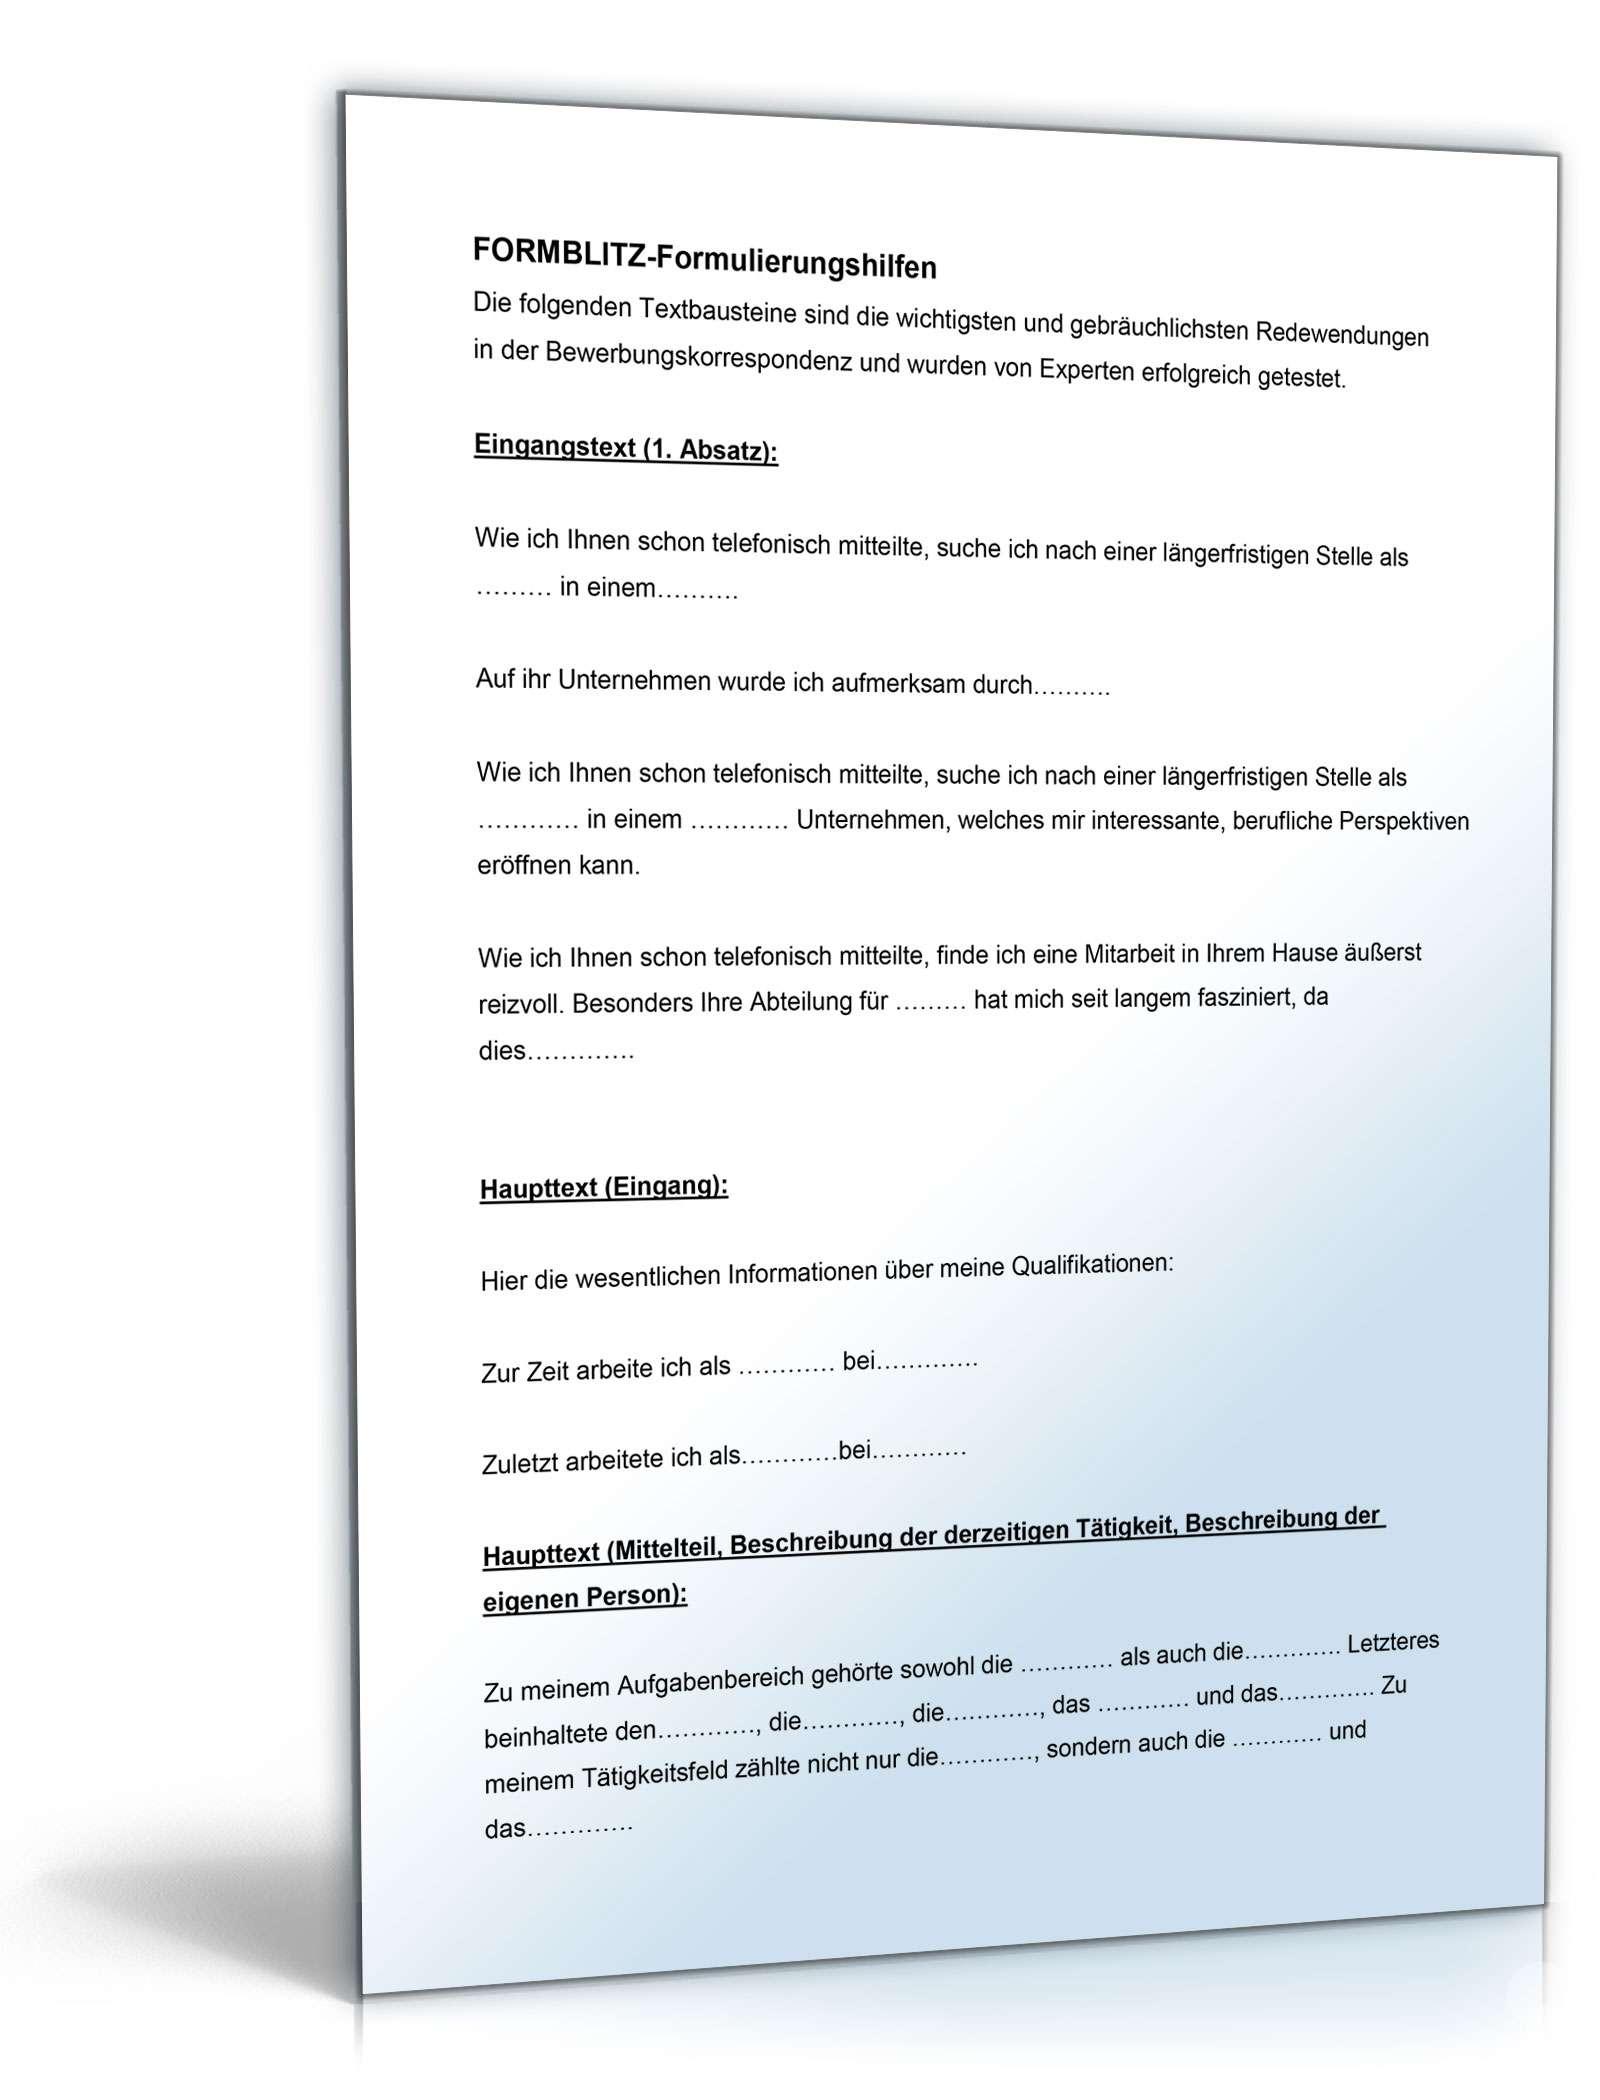 Schön Militär Lebenslauf Schreiben Hilfe Ideen - Entry Level Resume ...